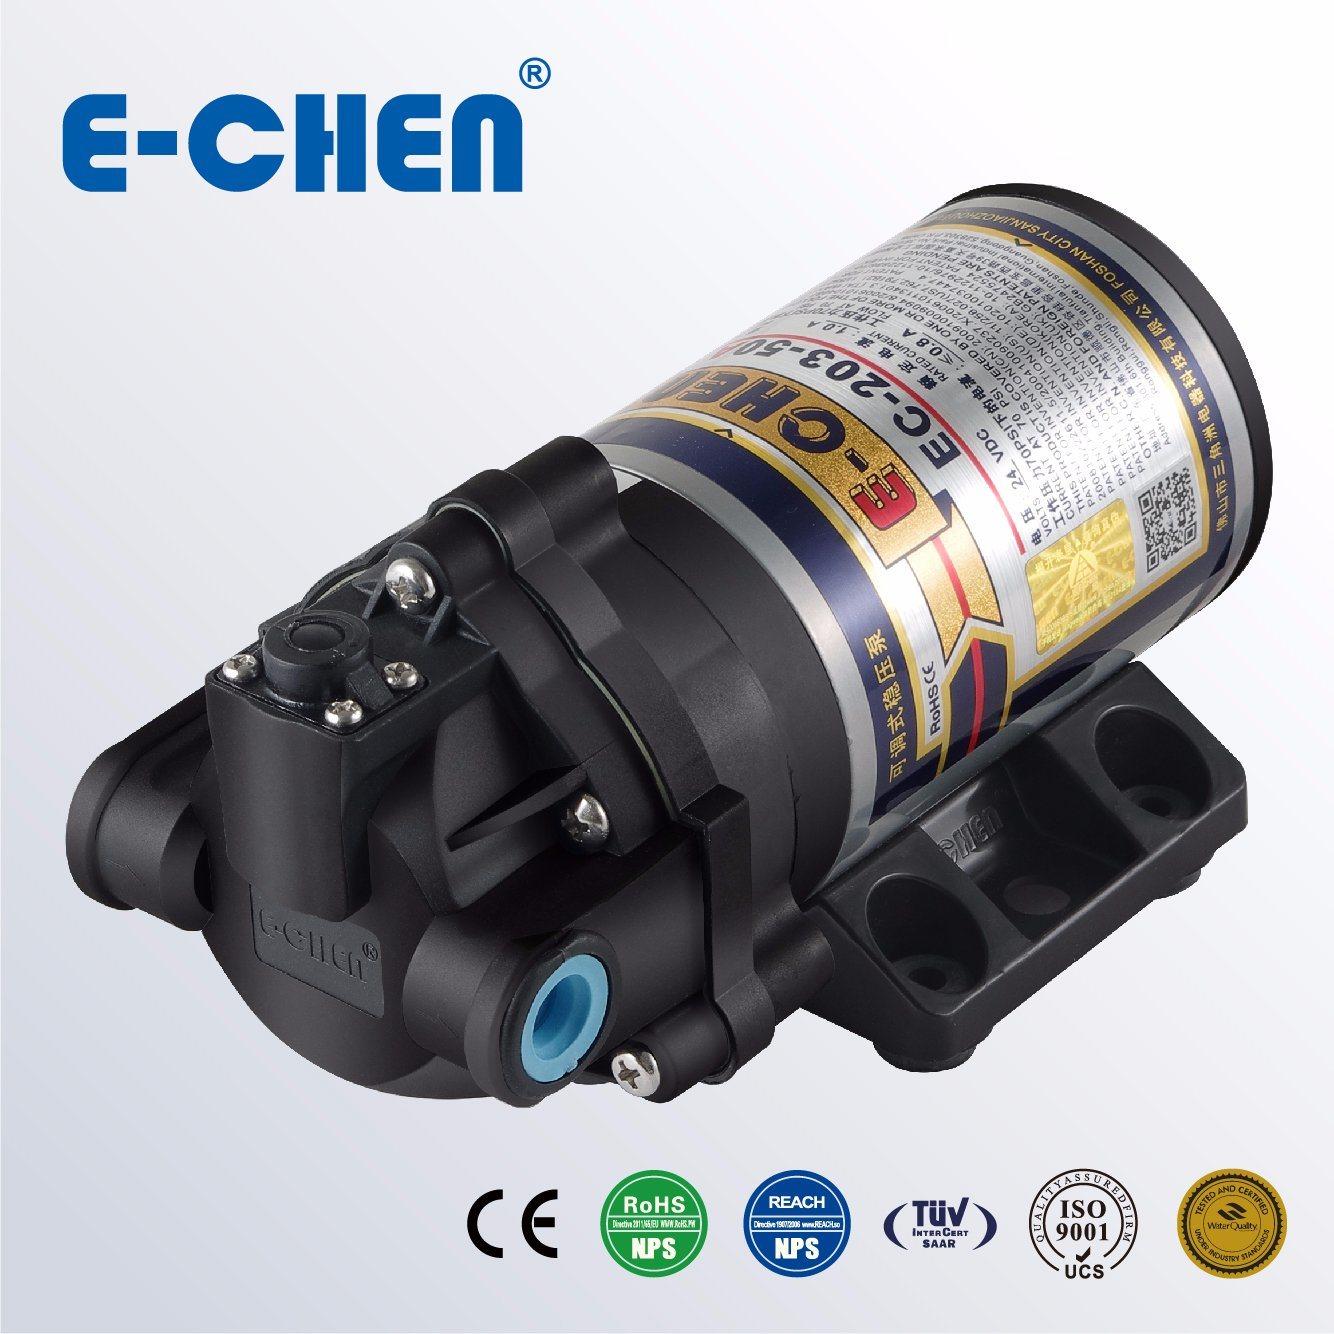 E-Chen 100gpd Diaphragm RO Booster Pump Self Pressure Regulating Ec203